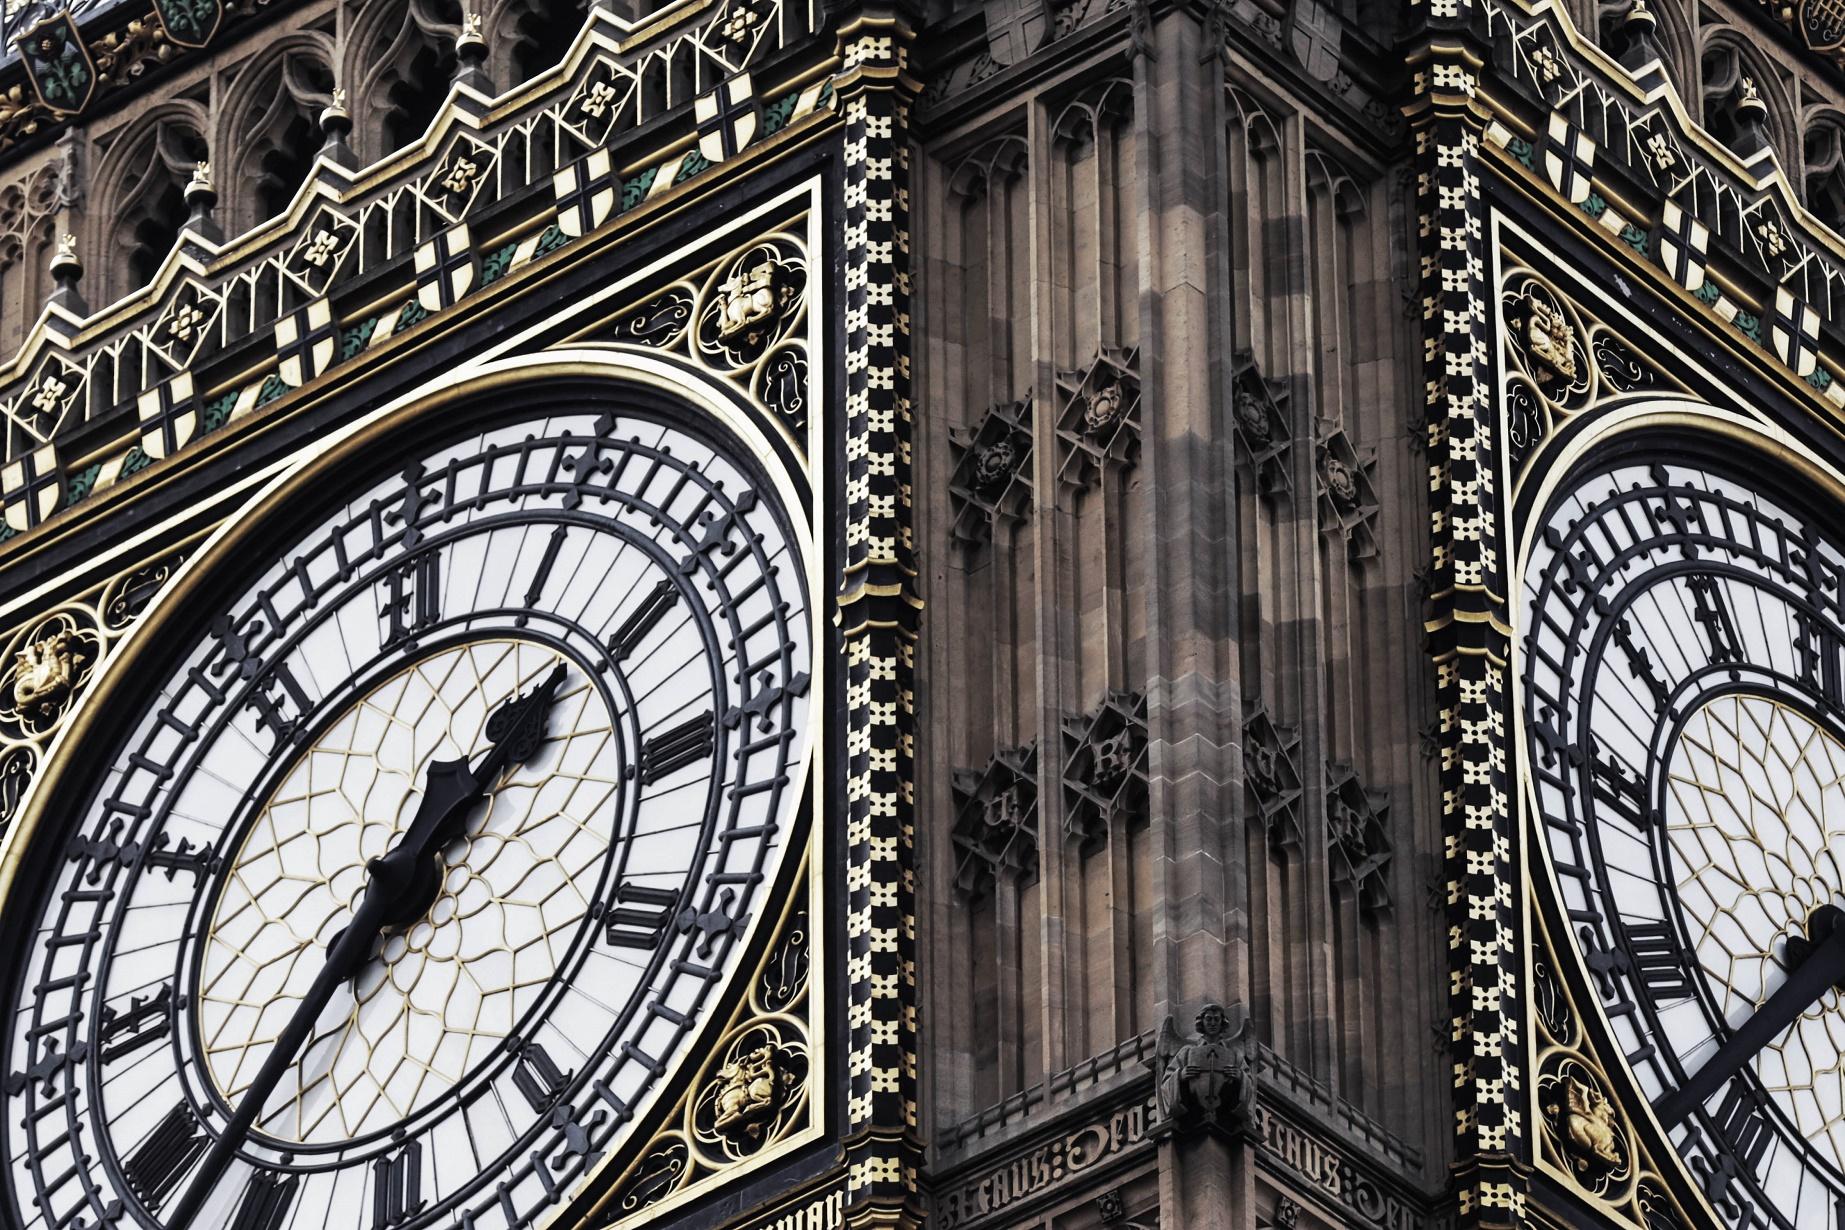 O tempo passa e ninguém é capaz de dizer, com precisão, se o Reino Unido continuará ou não na União Europeia. O plebiscito do dia 23 é considerado a mais importante votação das últimas gerações